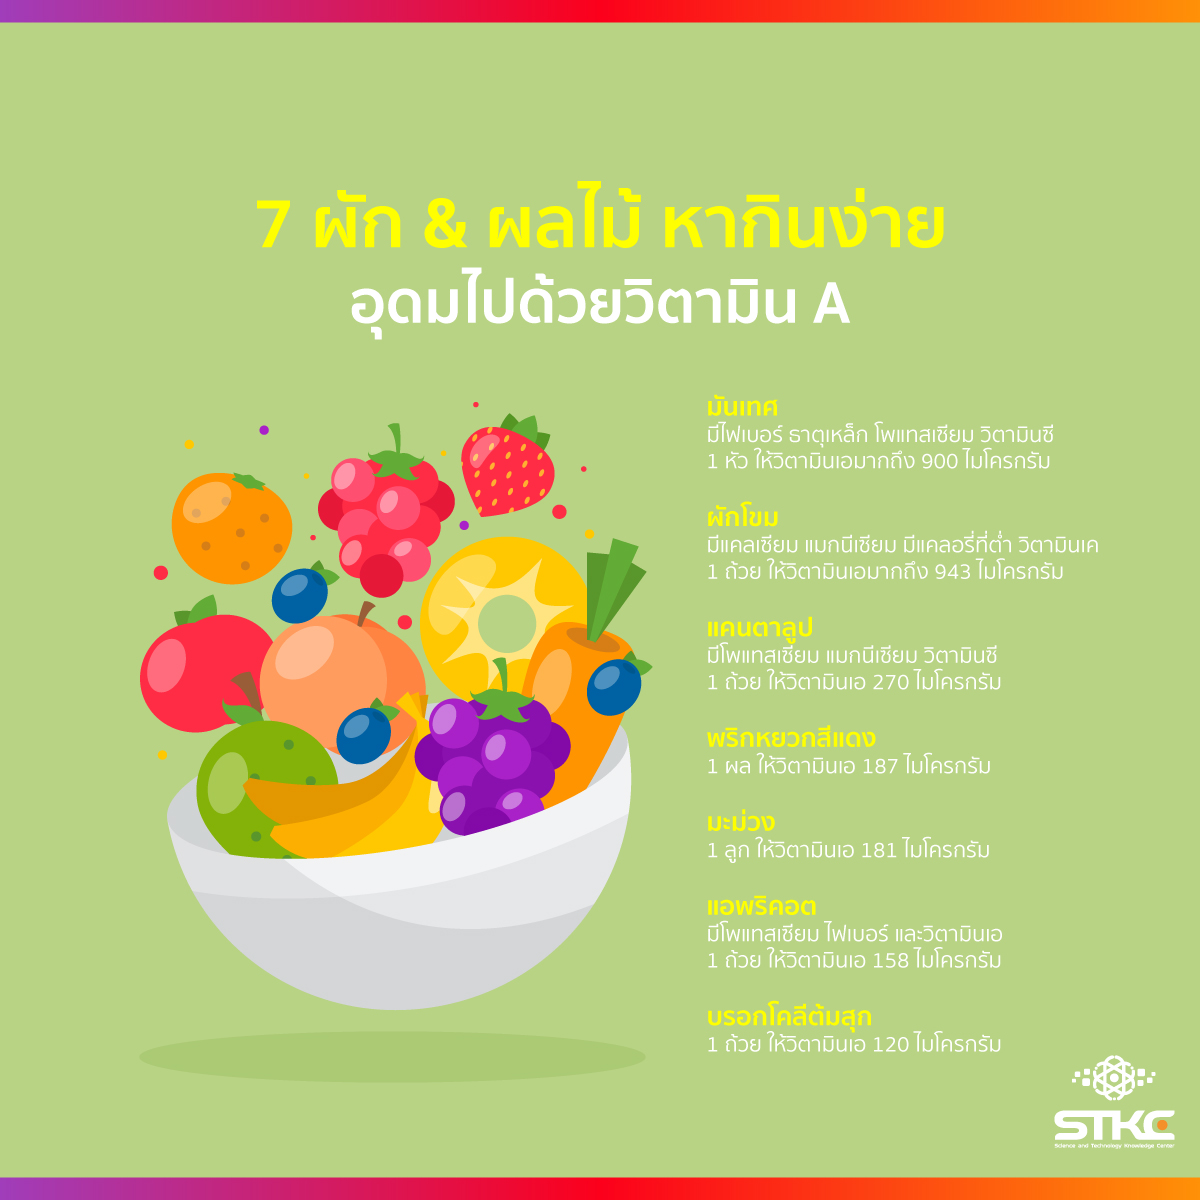 7 ผัก & ผลไม้ หากินง่ายอุดมไปด้วยวิตามิน A